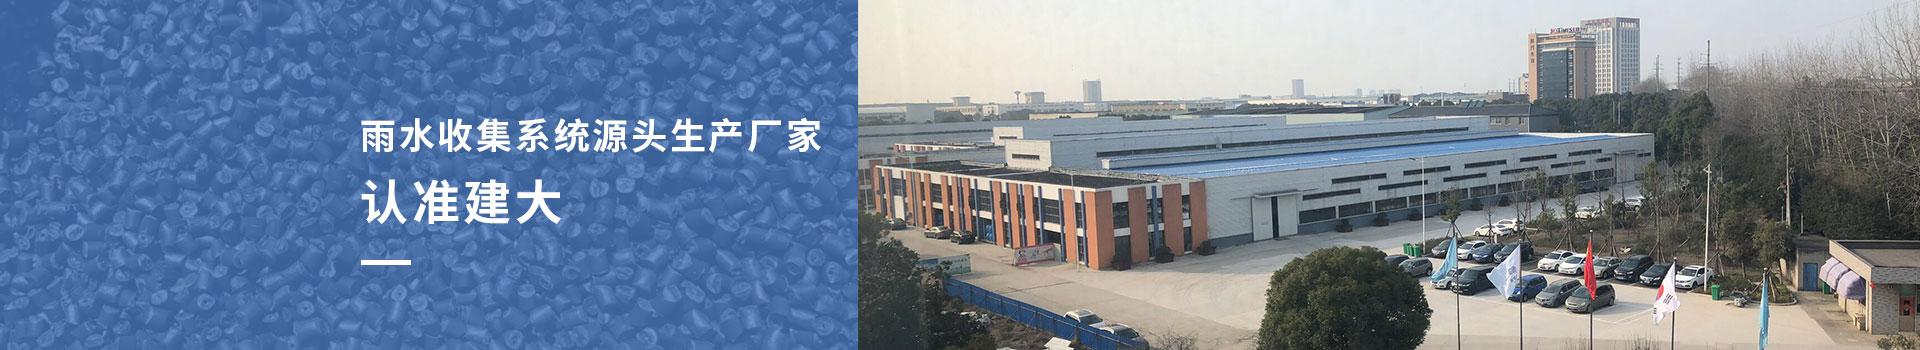 竞博电竞app收集系统源头生产厂家认准建大